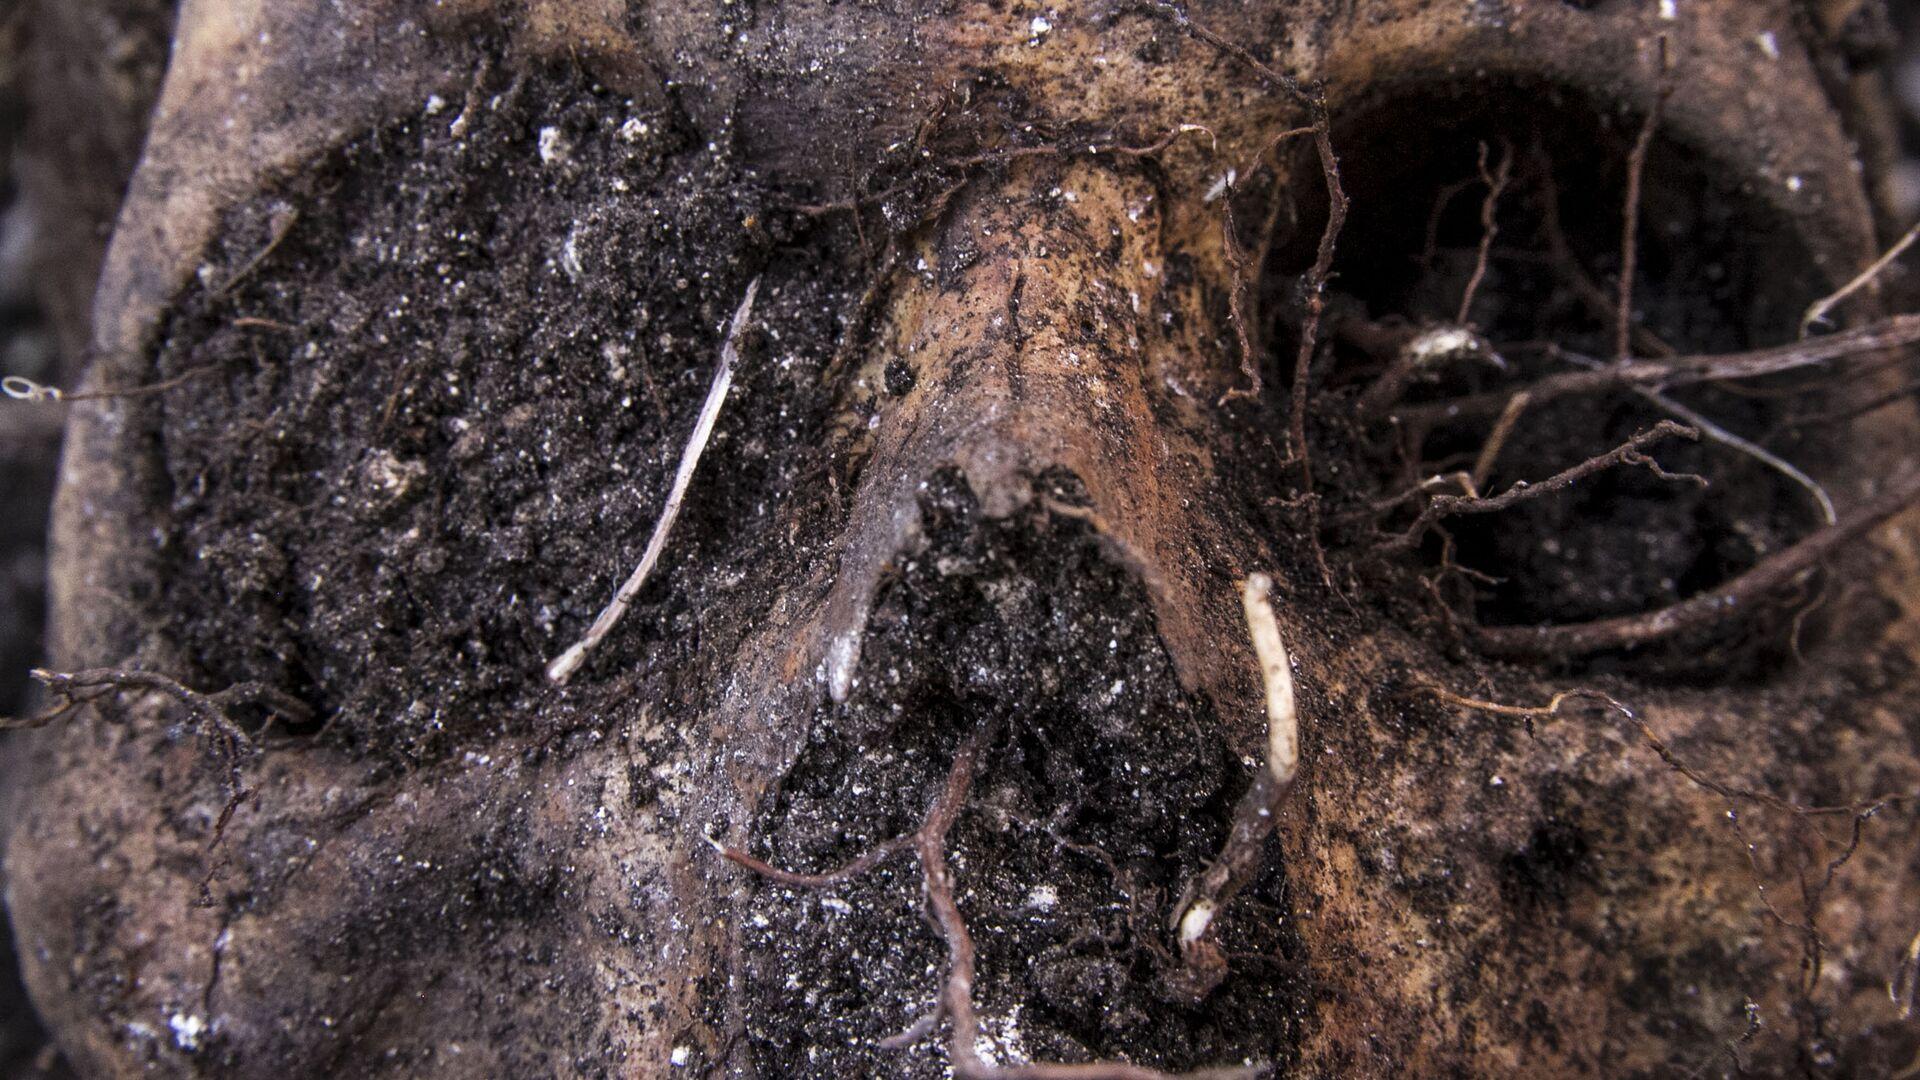 Huitzuco, Guerrero. Cráneo localizado en una fosa clandestina. - Sputnik Mundo, 1920, 15.09.2021